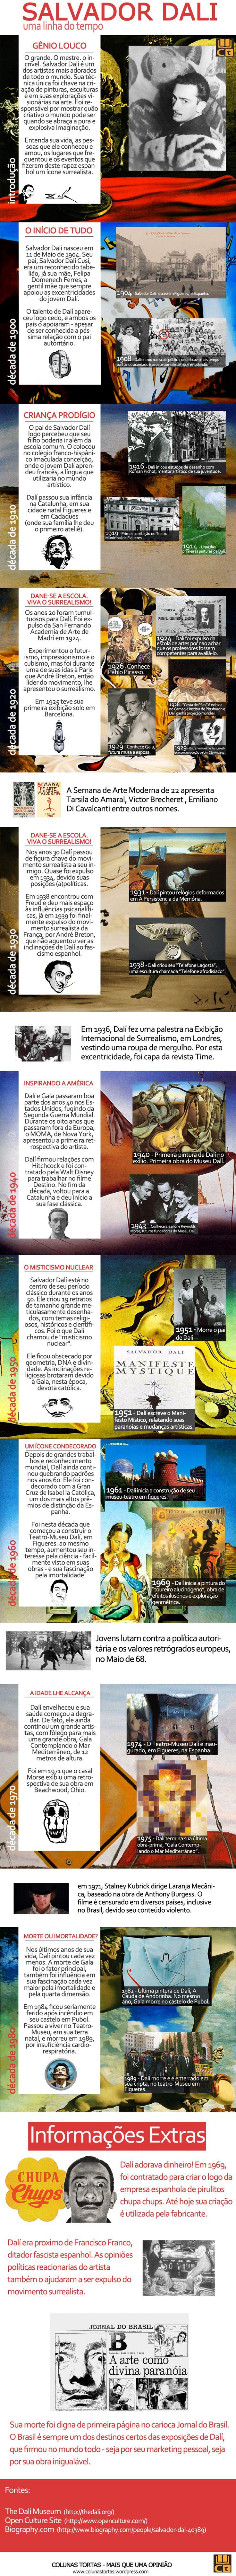 Salvador Dalí, biografia de um louco